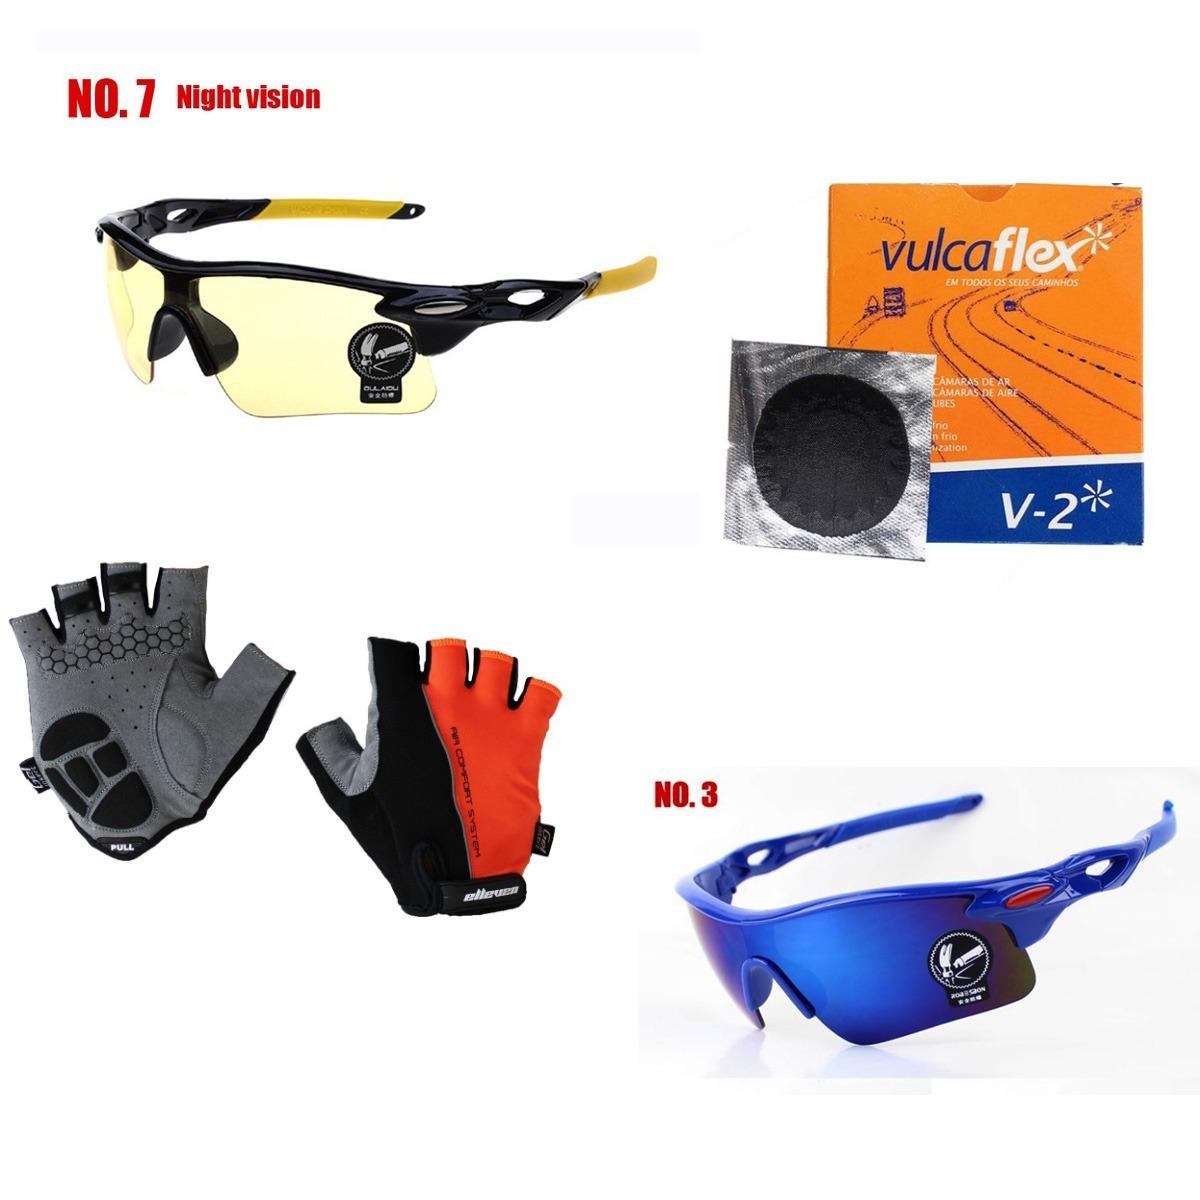 d391c817d0634 Kits Luvas De Ciclismo +2 Óculos +kit Remendos Frete Gratis - R  120 ...